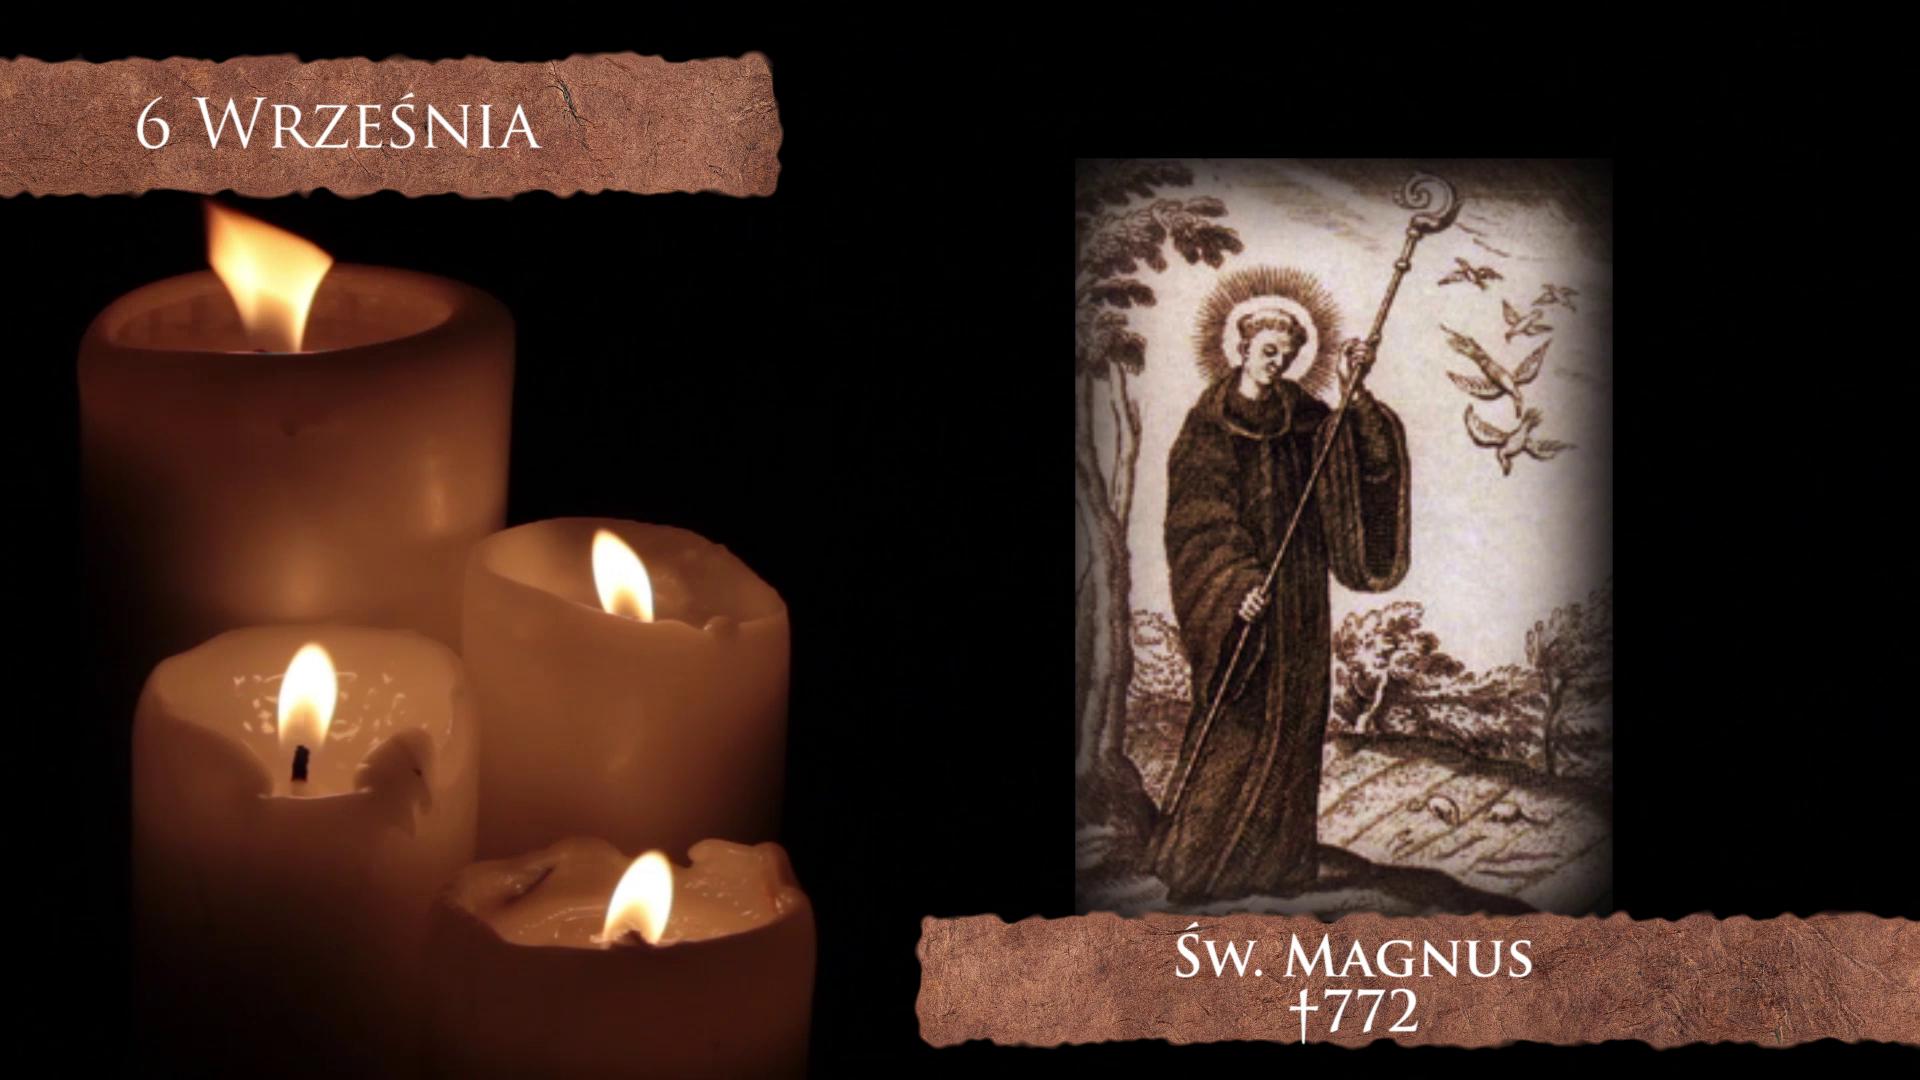 Św. Magnus - apostoł Szwajcarii i Niemiec